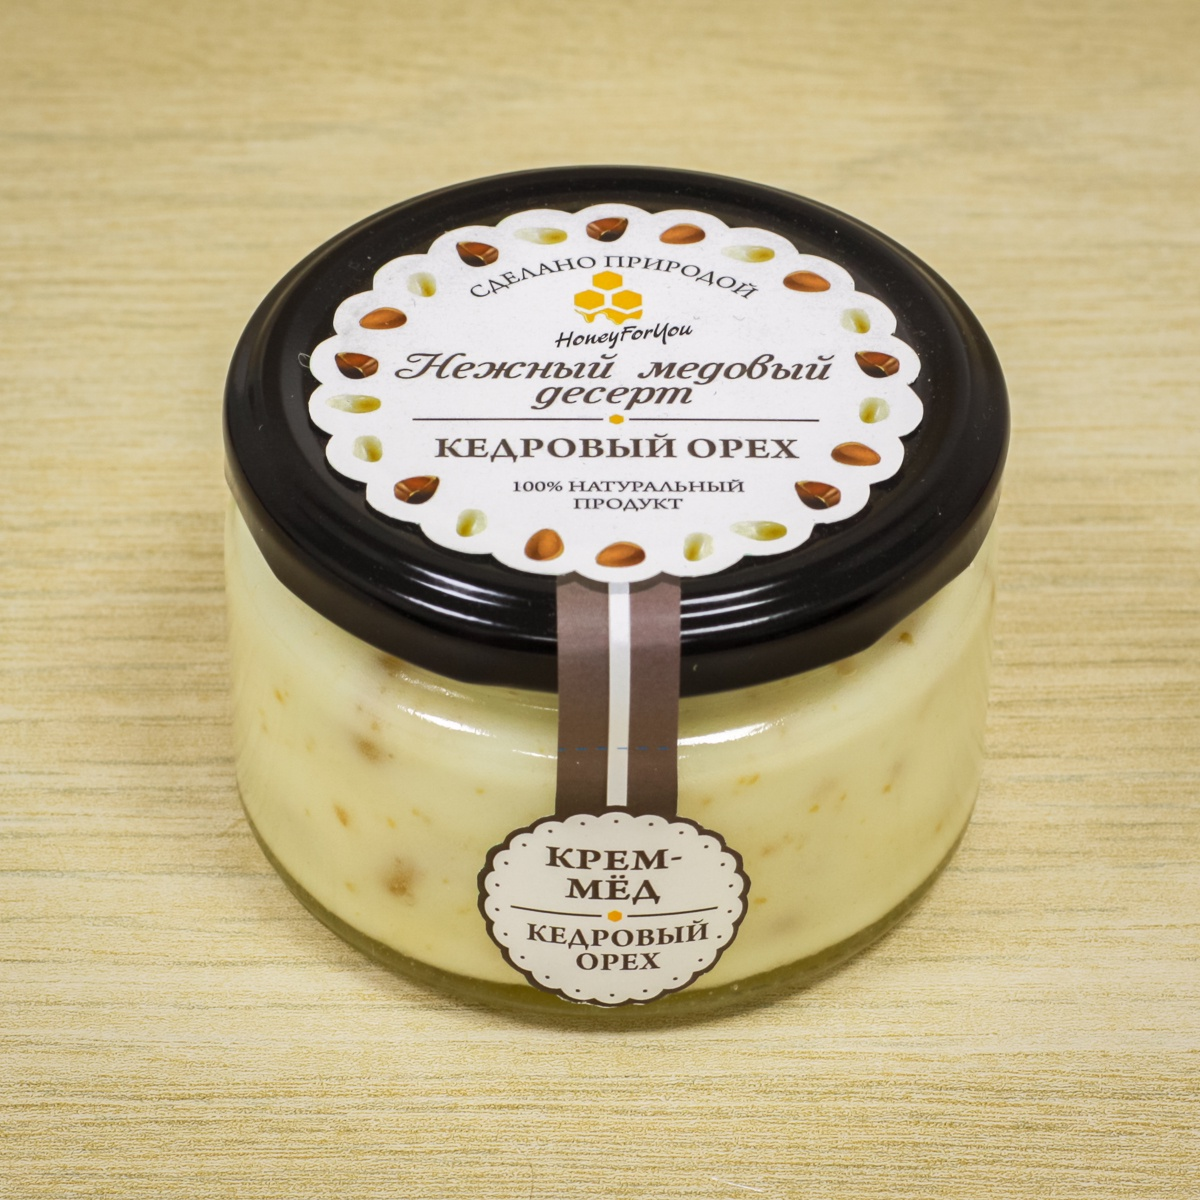 Нежный медовый десерт HoneyForYou Кедровый орех